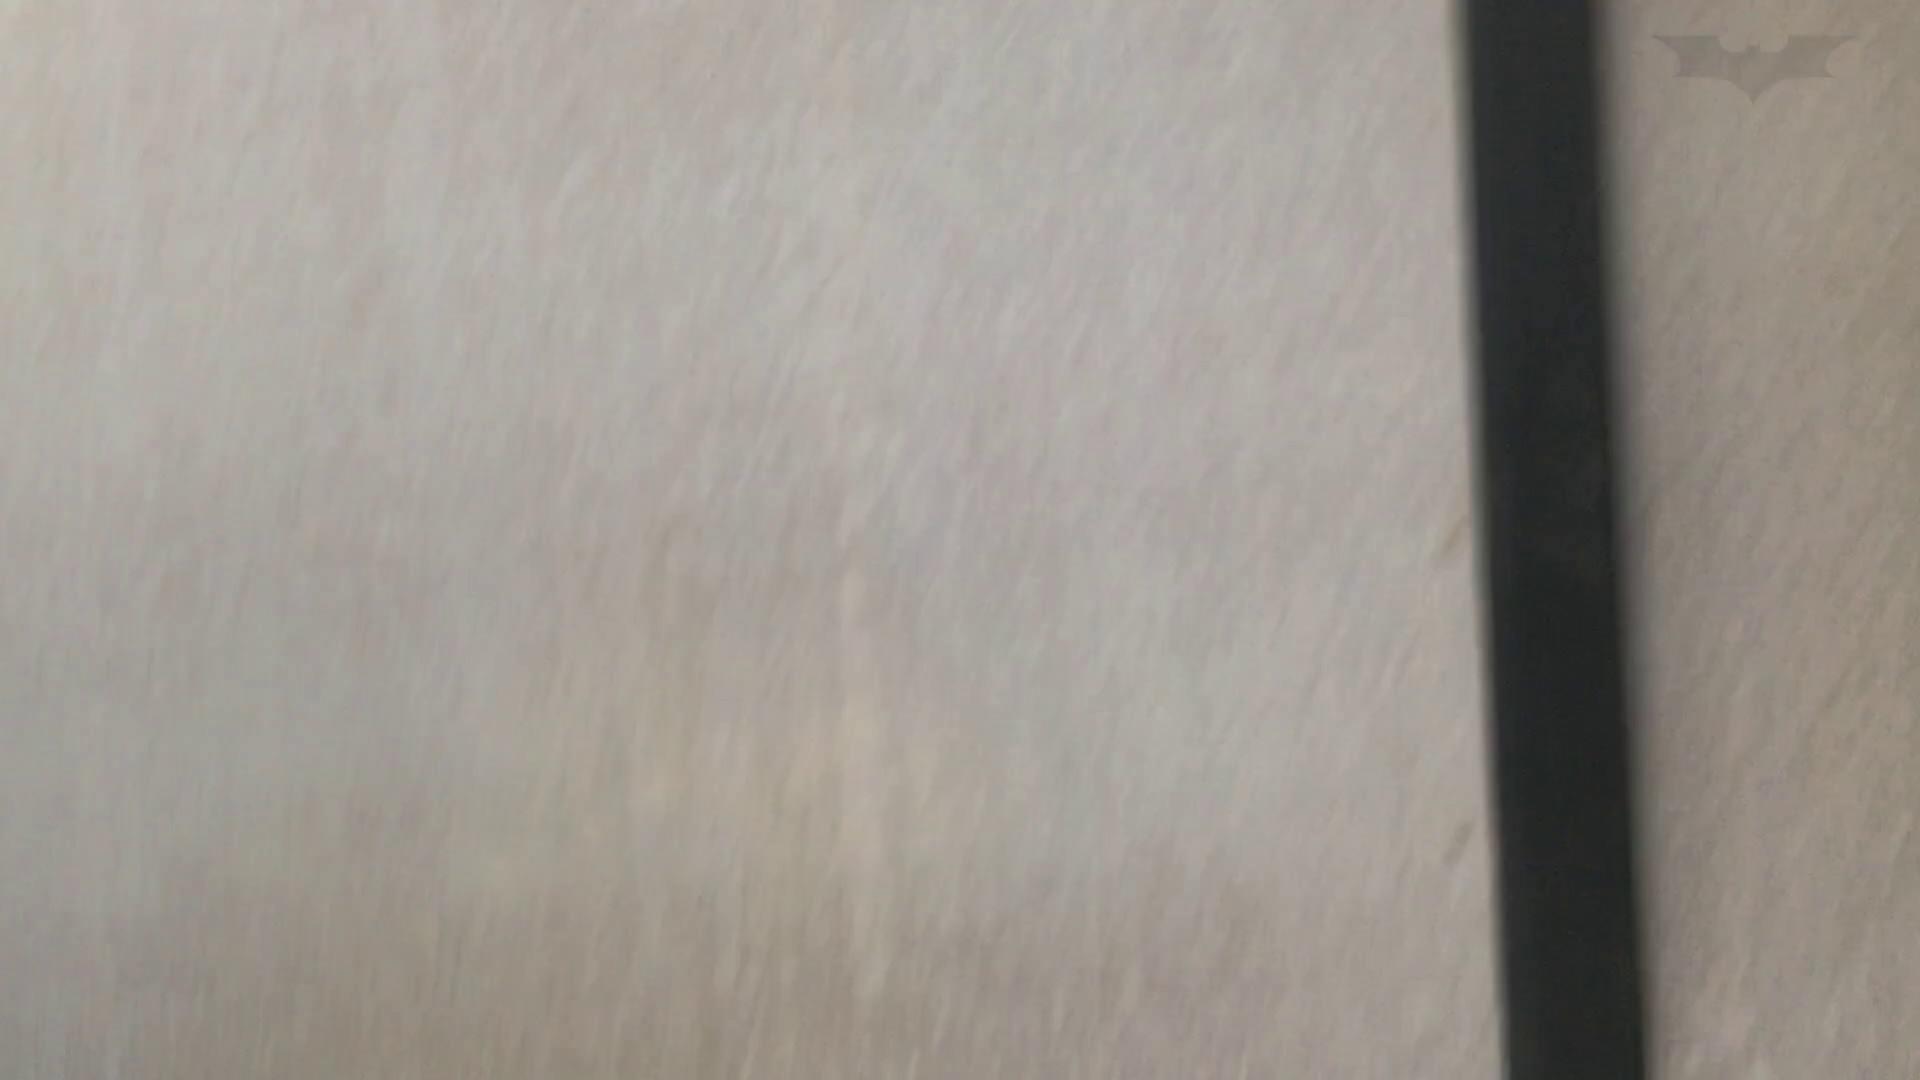 芸術大学ガチ潜入盗撮 JD盗撮 美女の洗面所の秘密 Vol.81 盗撮 オマンコ動画キャプチャ 83pic 63